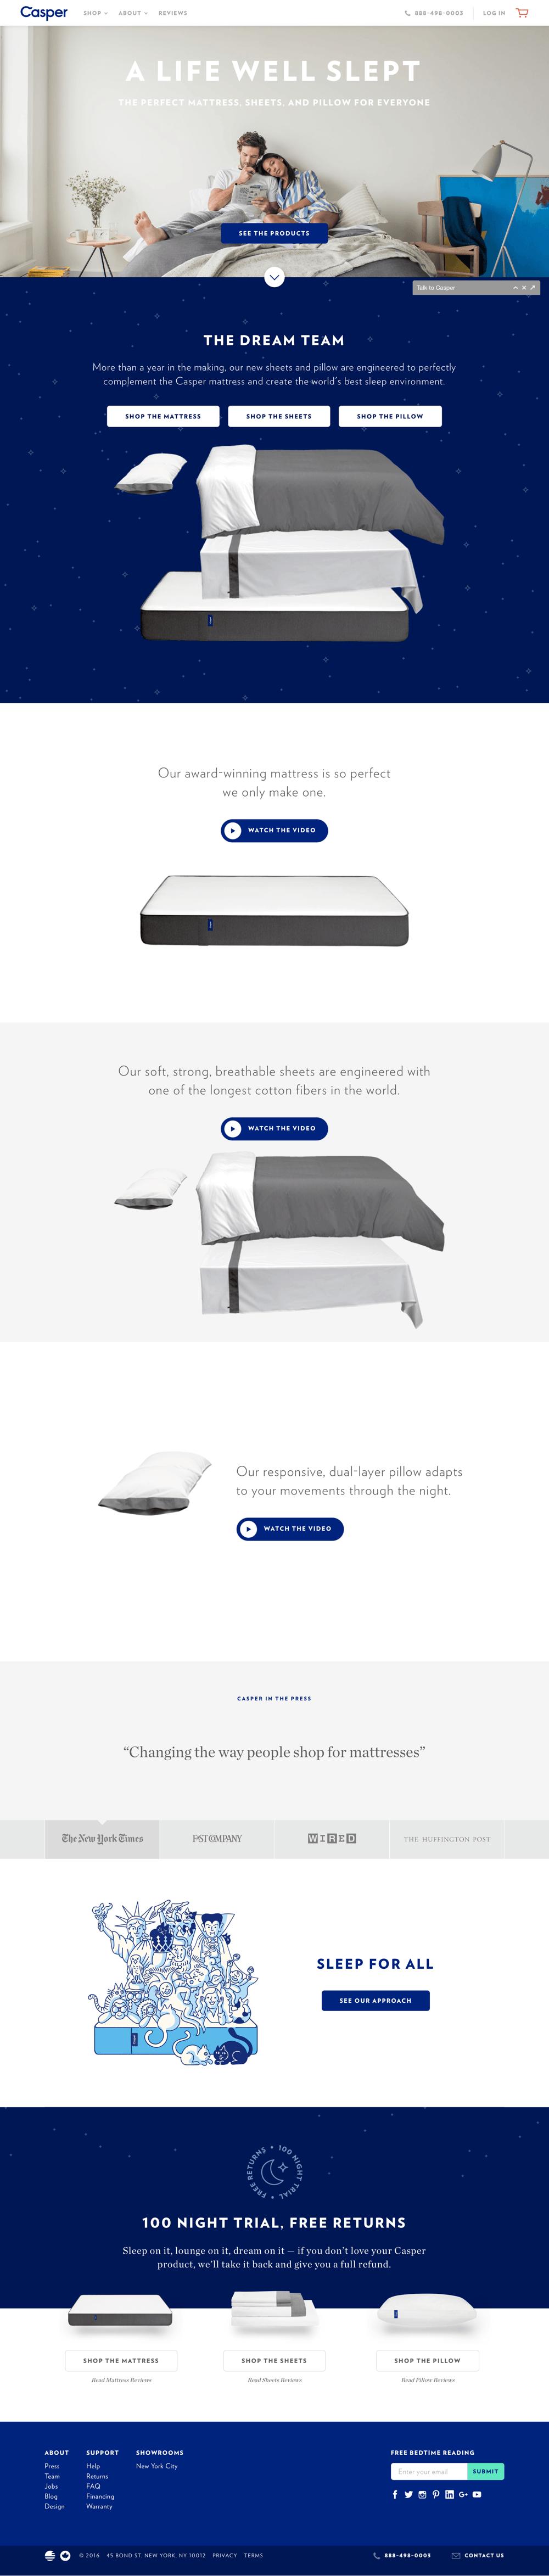 The Best Bed for Better Sleep | Casper®